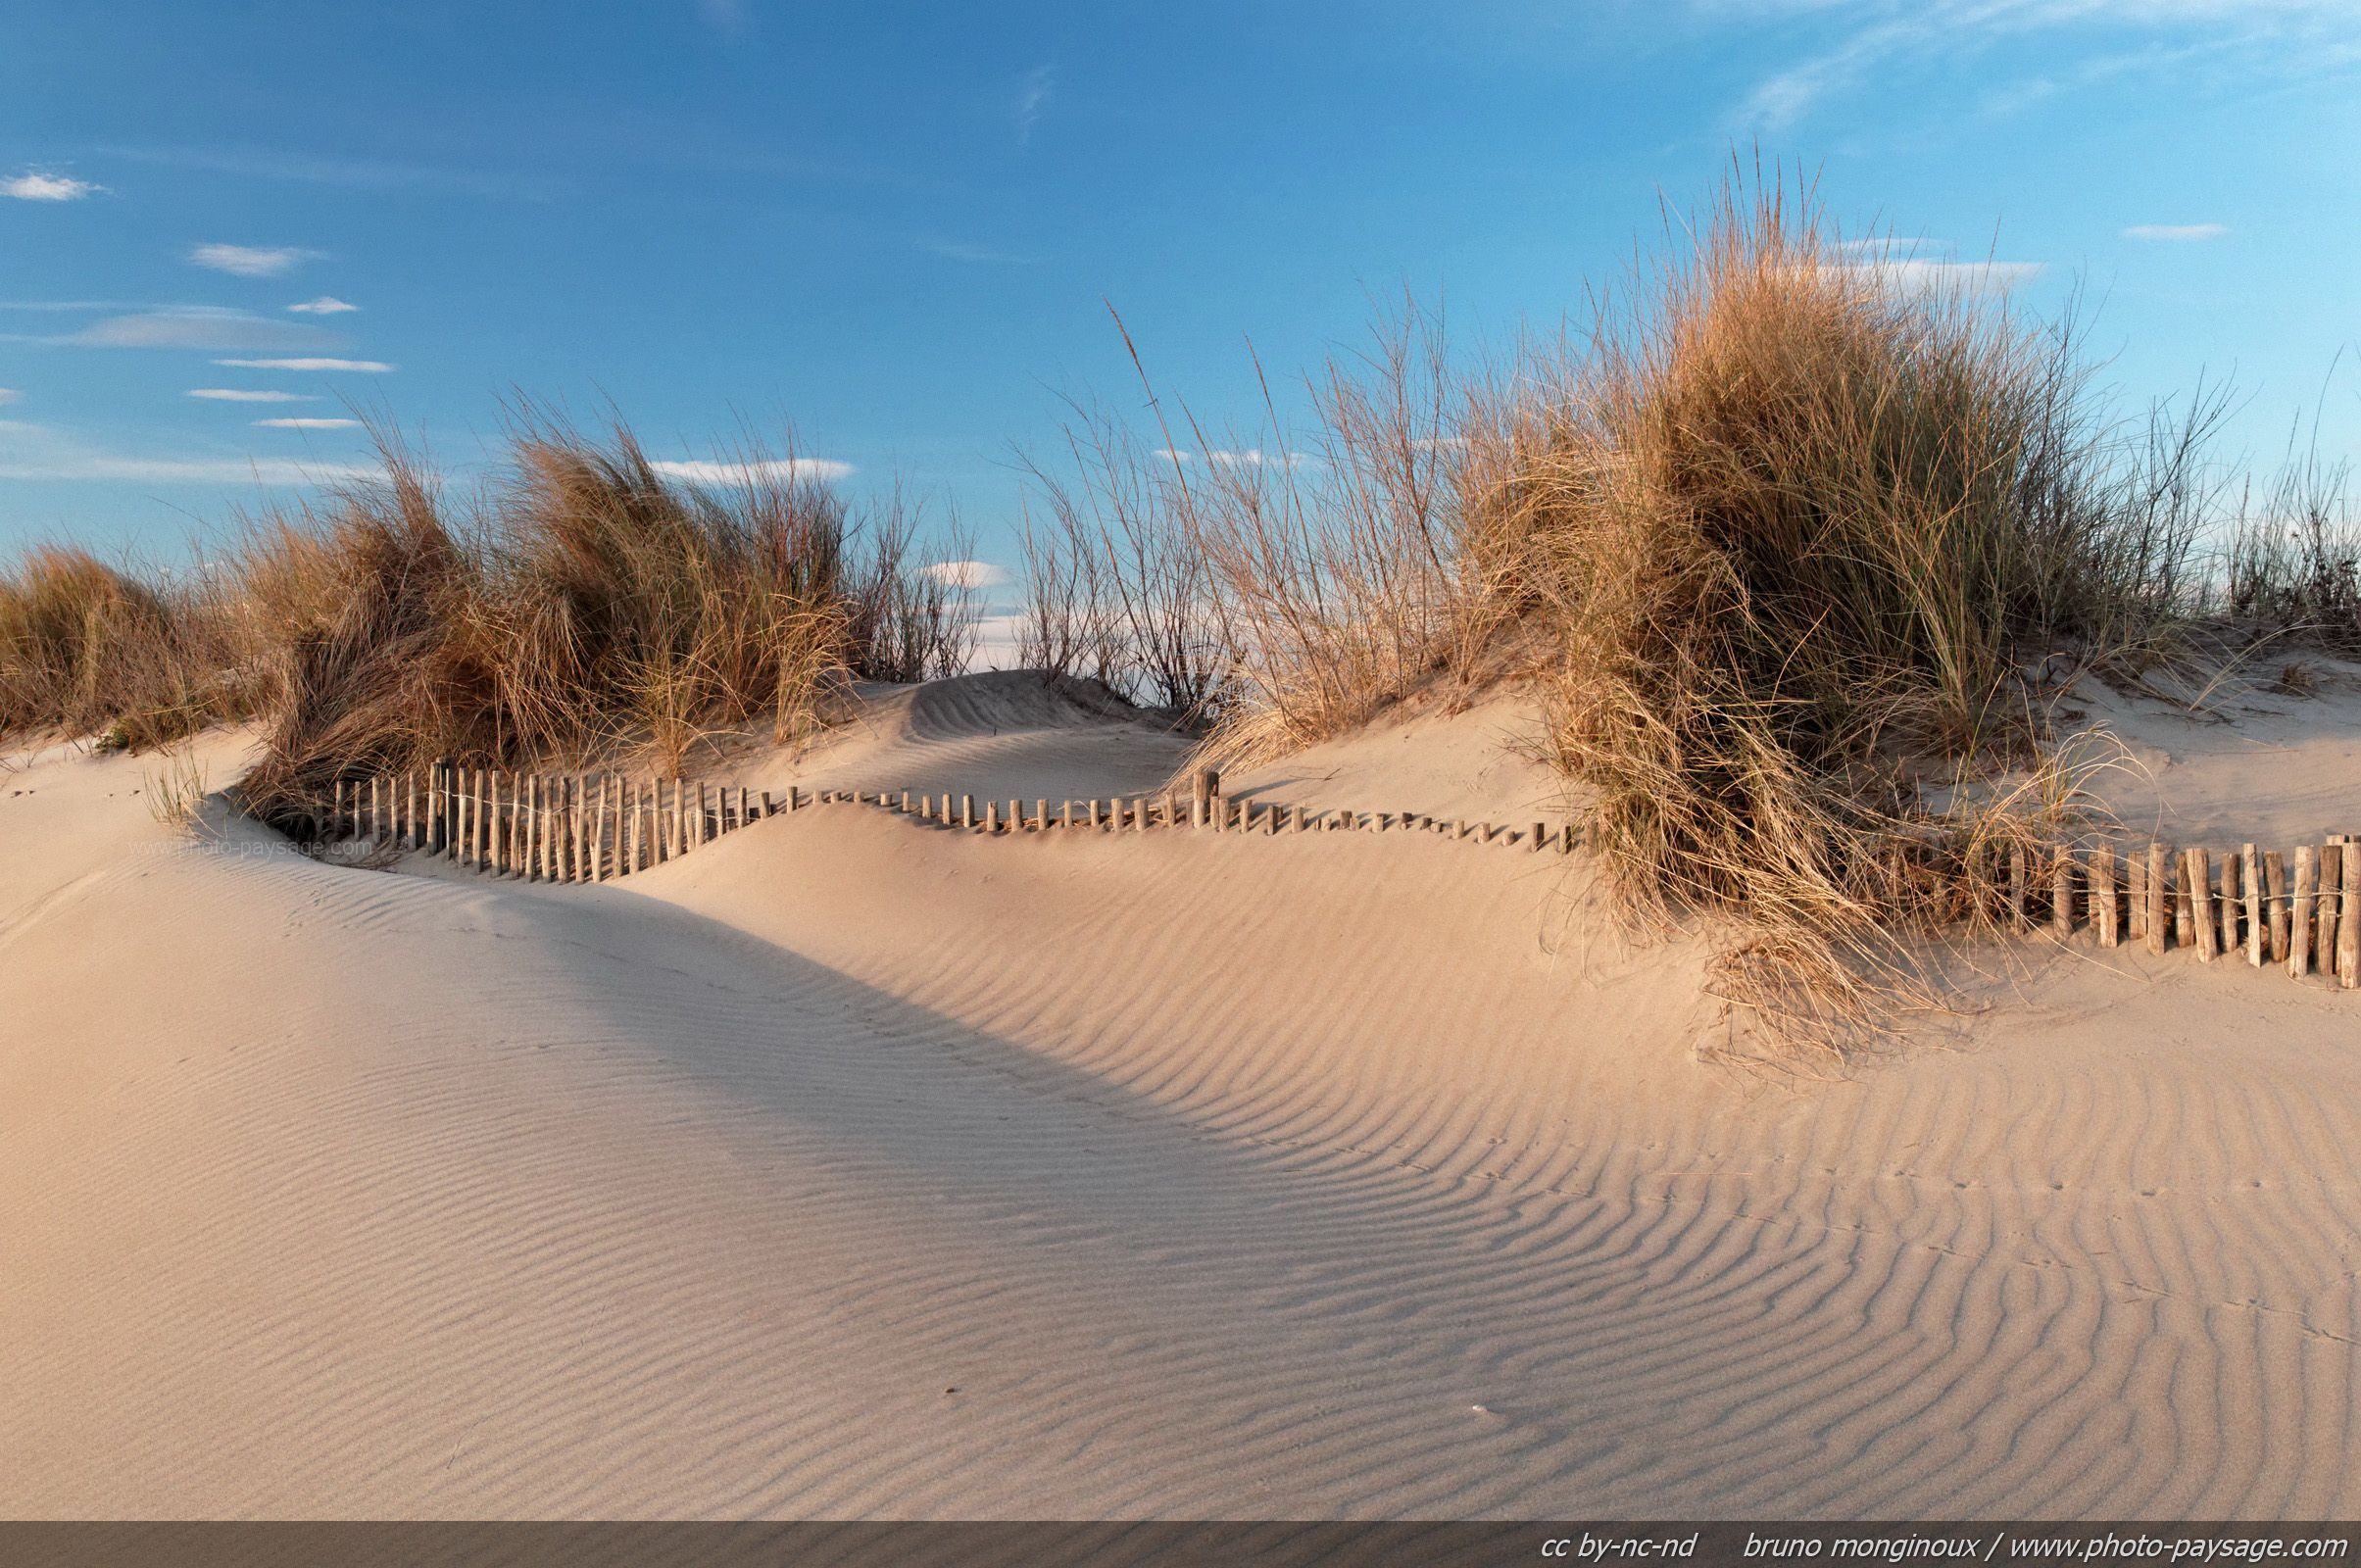 Des dunes sur la plage de l 2409 1600 for Lac salonique grau du roi